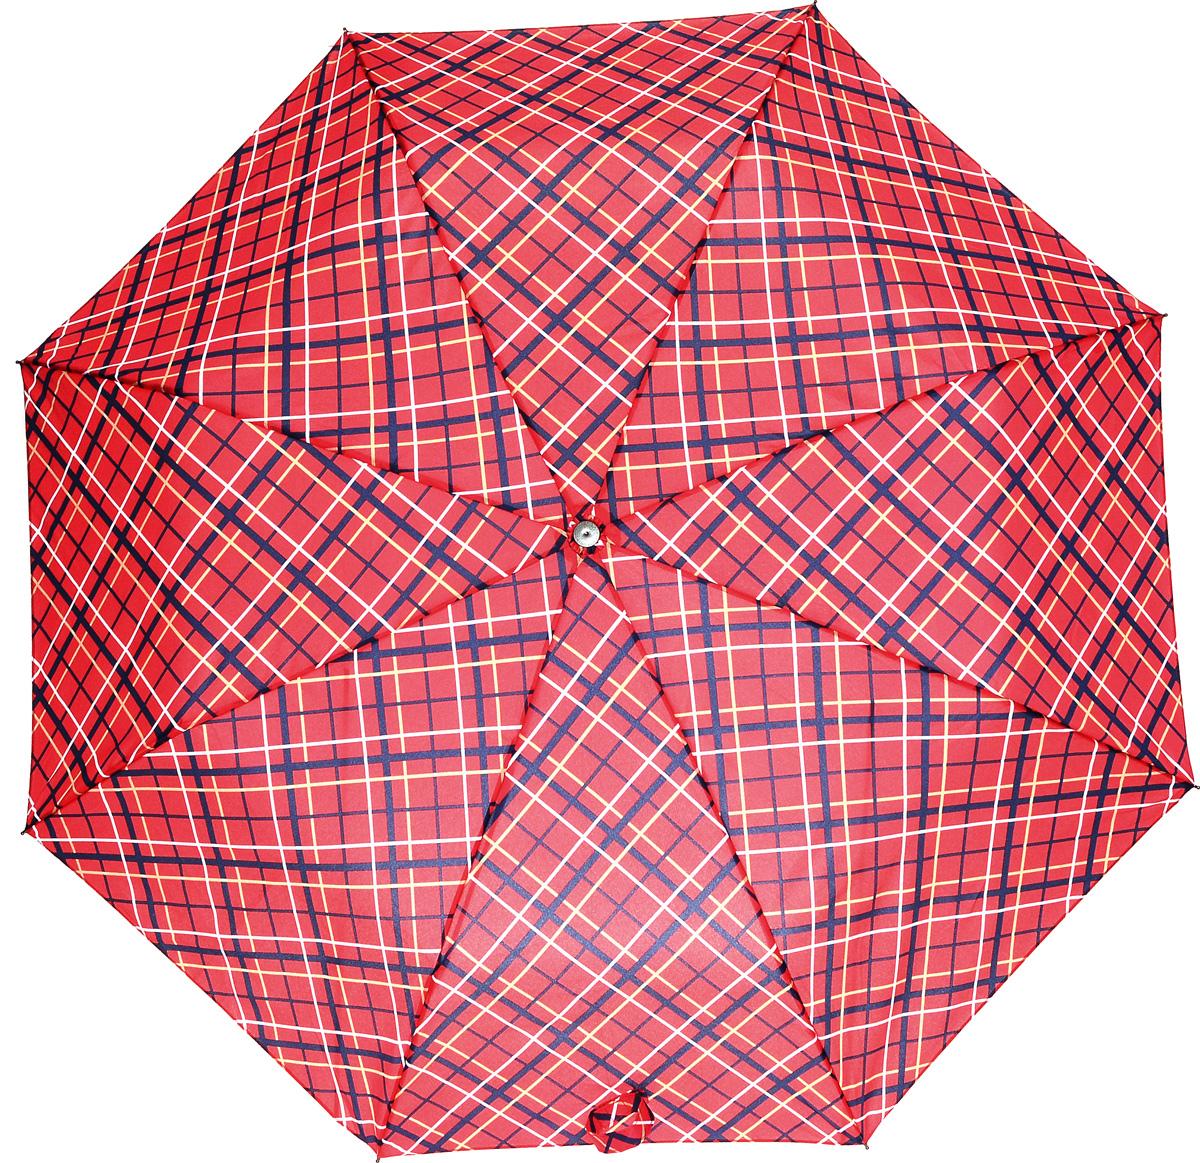 C-Collection 512-2 Зонт механический 3 сл. жен.512-2Зонт испанского производителя Clima. В производстве зонтов используются современные материалы, что делает зонты легкими, но в то же время крепкими.Механический, 3 сложений, 7 спиц по 55см, полиэстер.